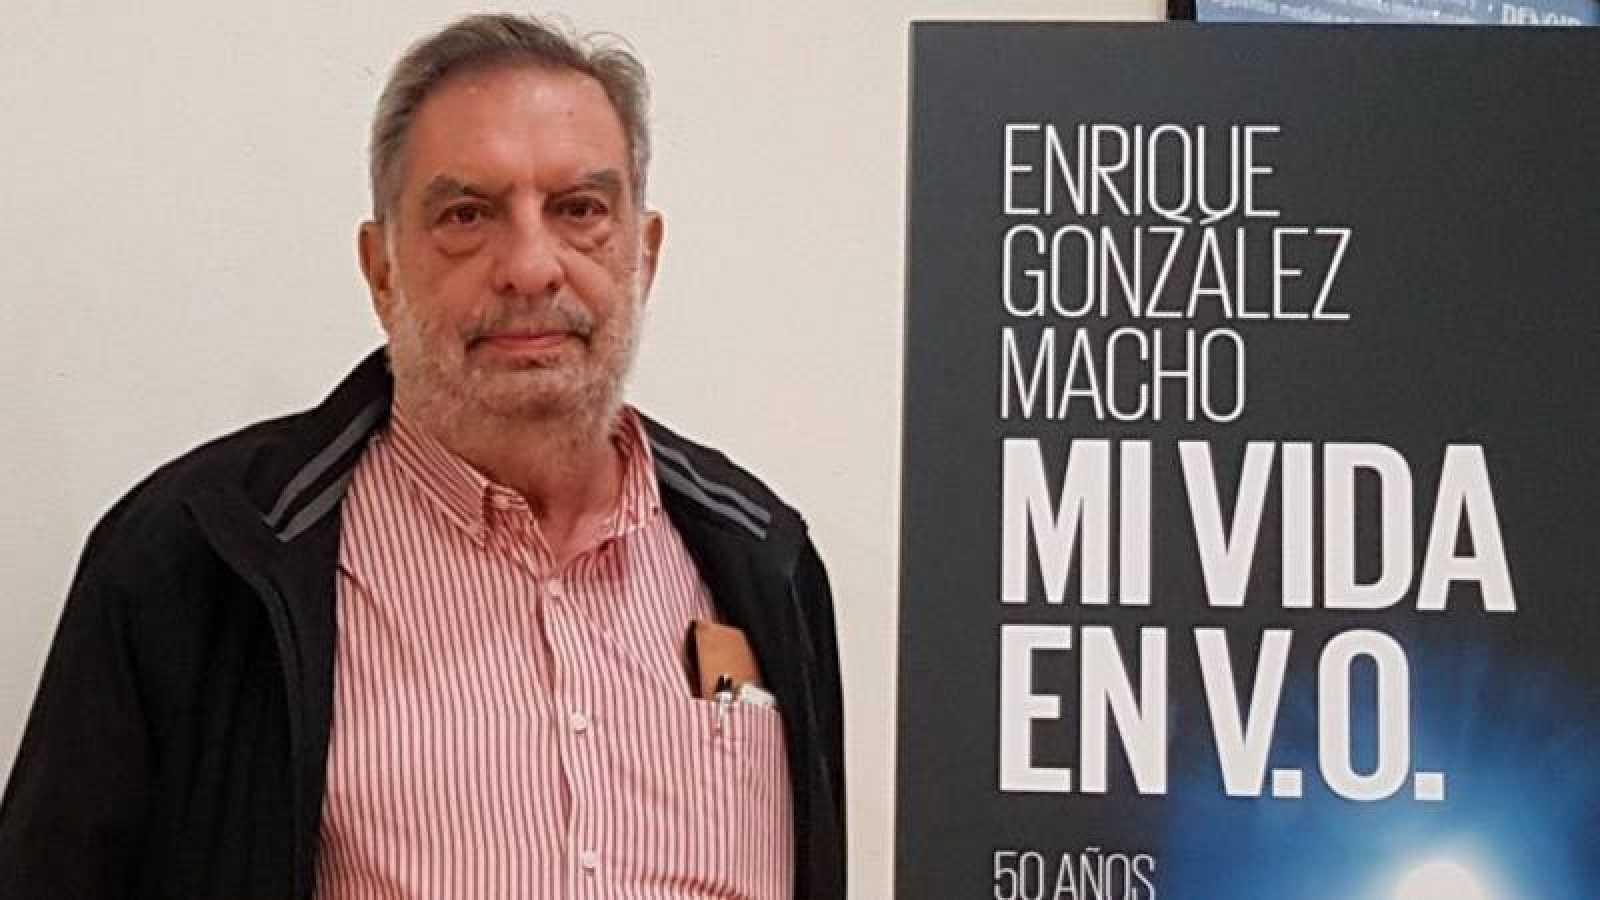 Enrique González Macho publica sus memorias